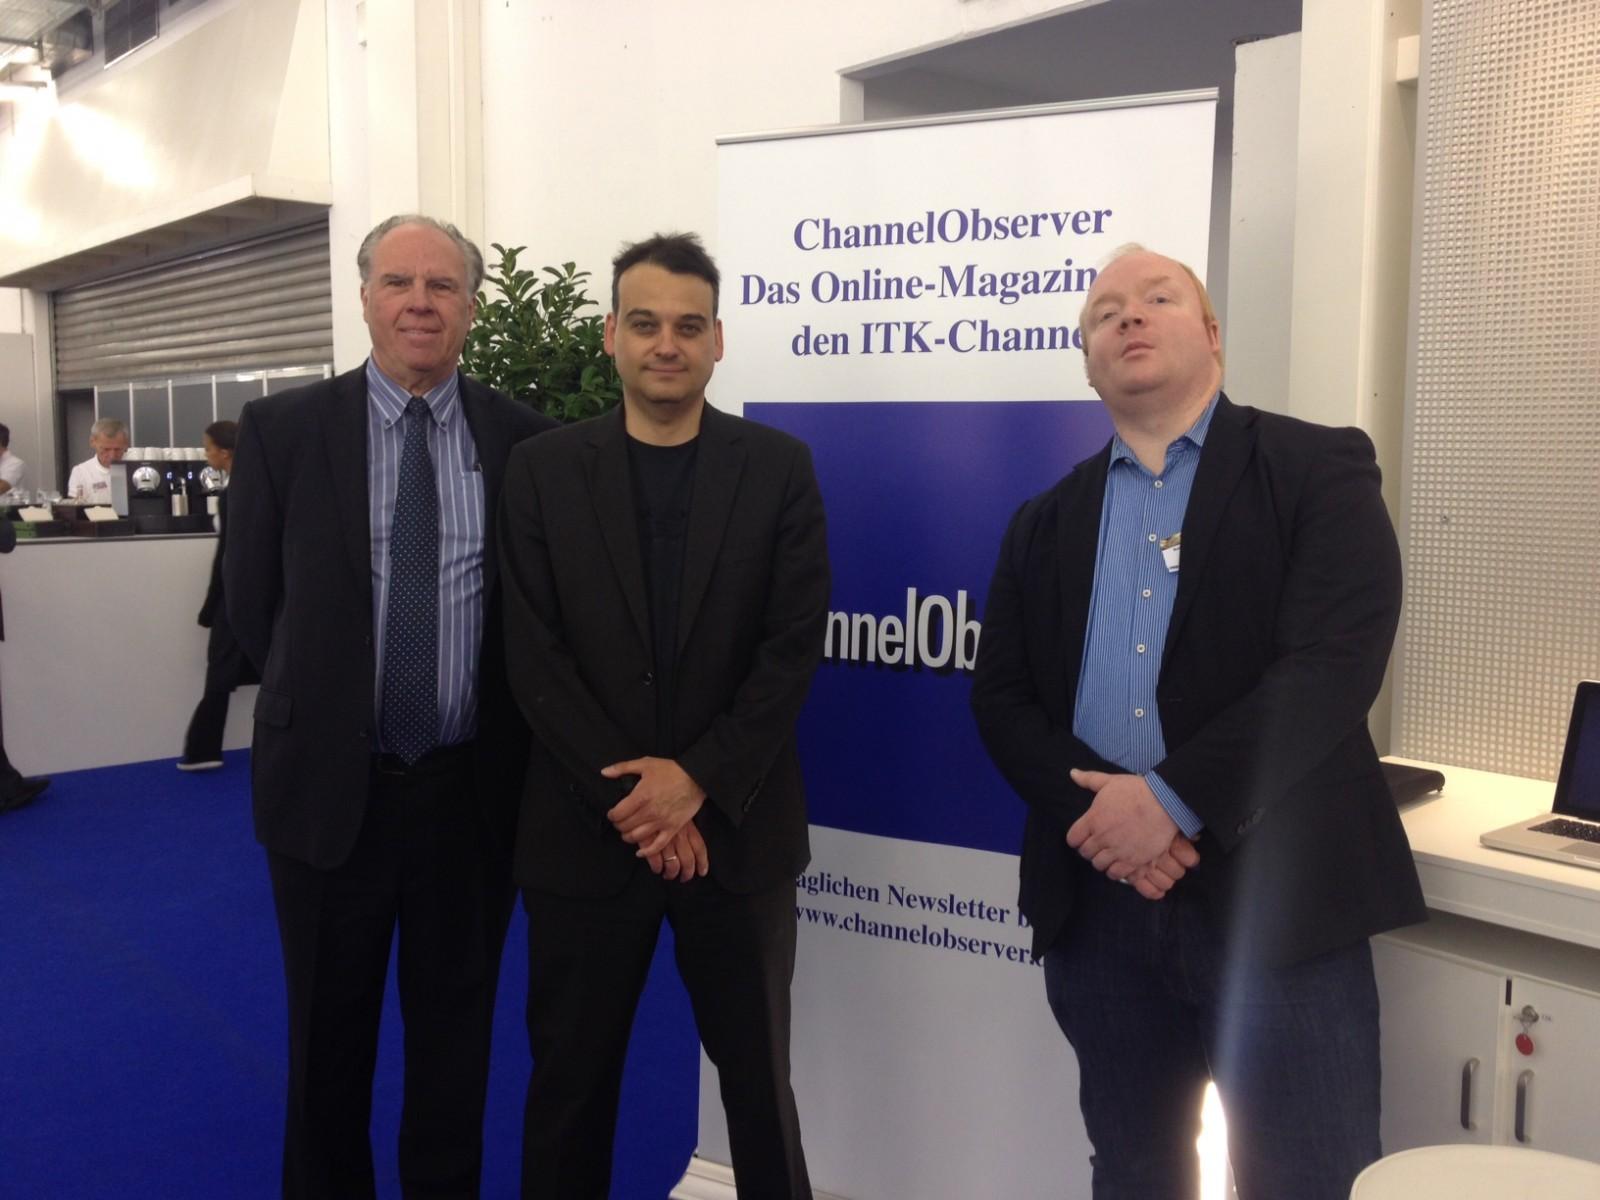 Das ChannelObserver-Team auf der IM.TOP: Dieter Schobel, Markus Reuter und Robert Höwelkröger (v.l.n.r.)